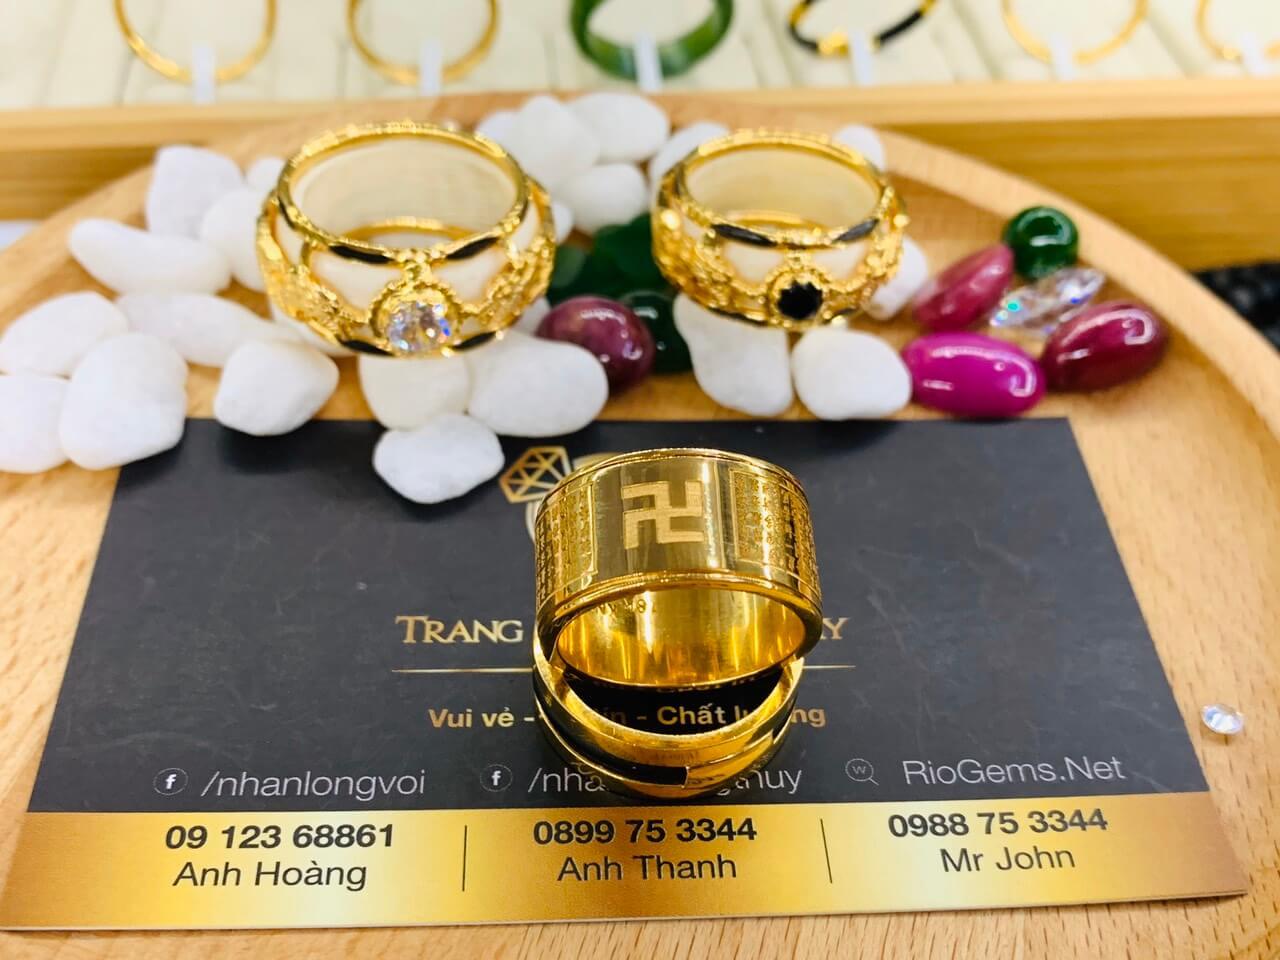 Cặp nhẫn Bát Nhã Tâm Kinh vàng 75 RIOGEMs mang lại may mắn, bình an